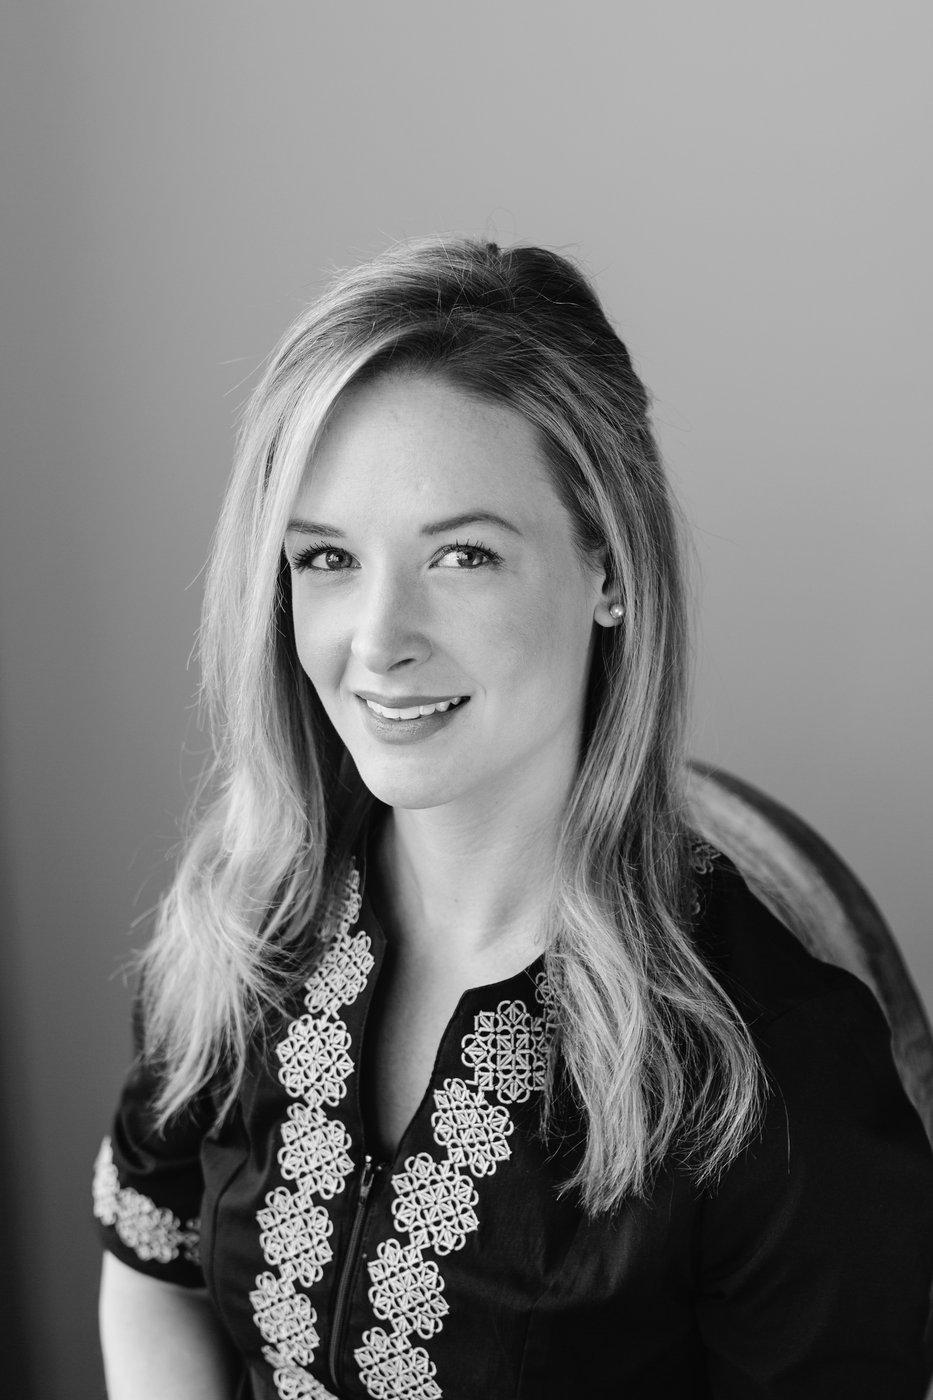 Jennifer Inrig - Administrative Assistant